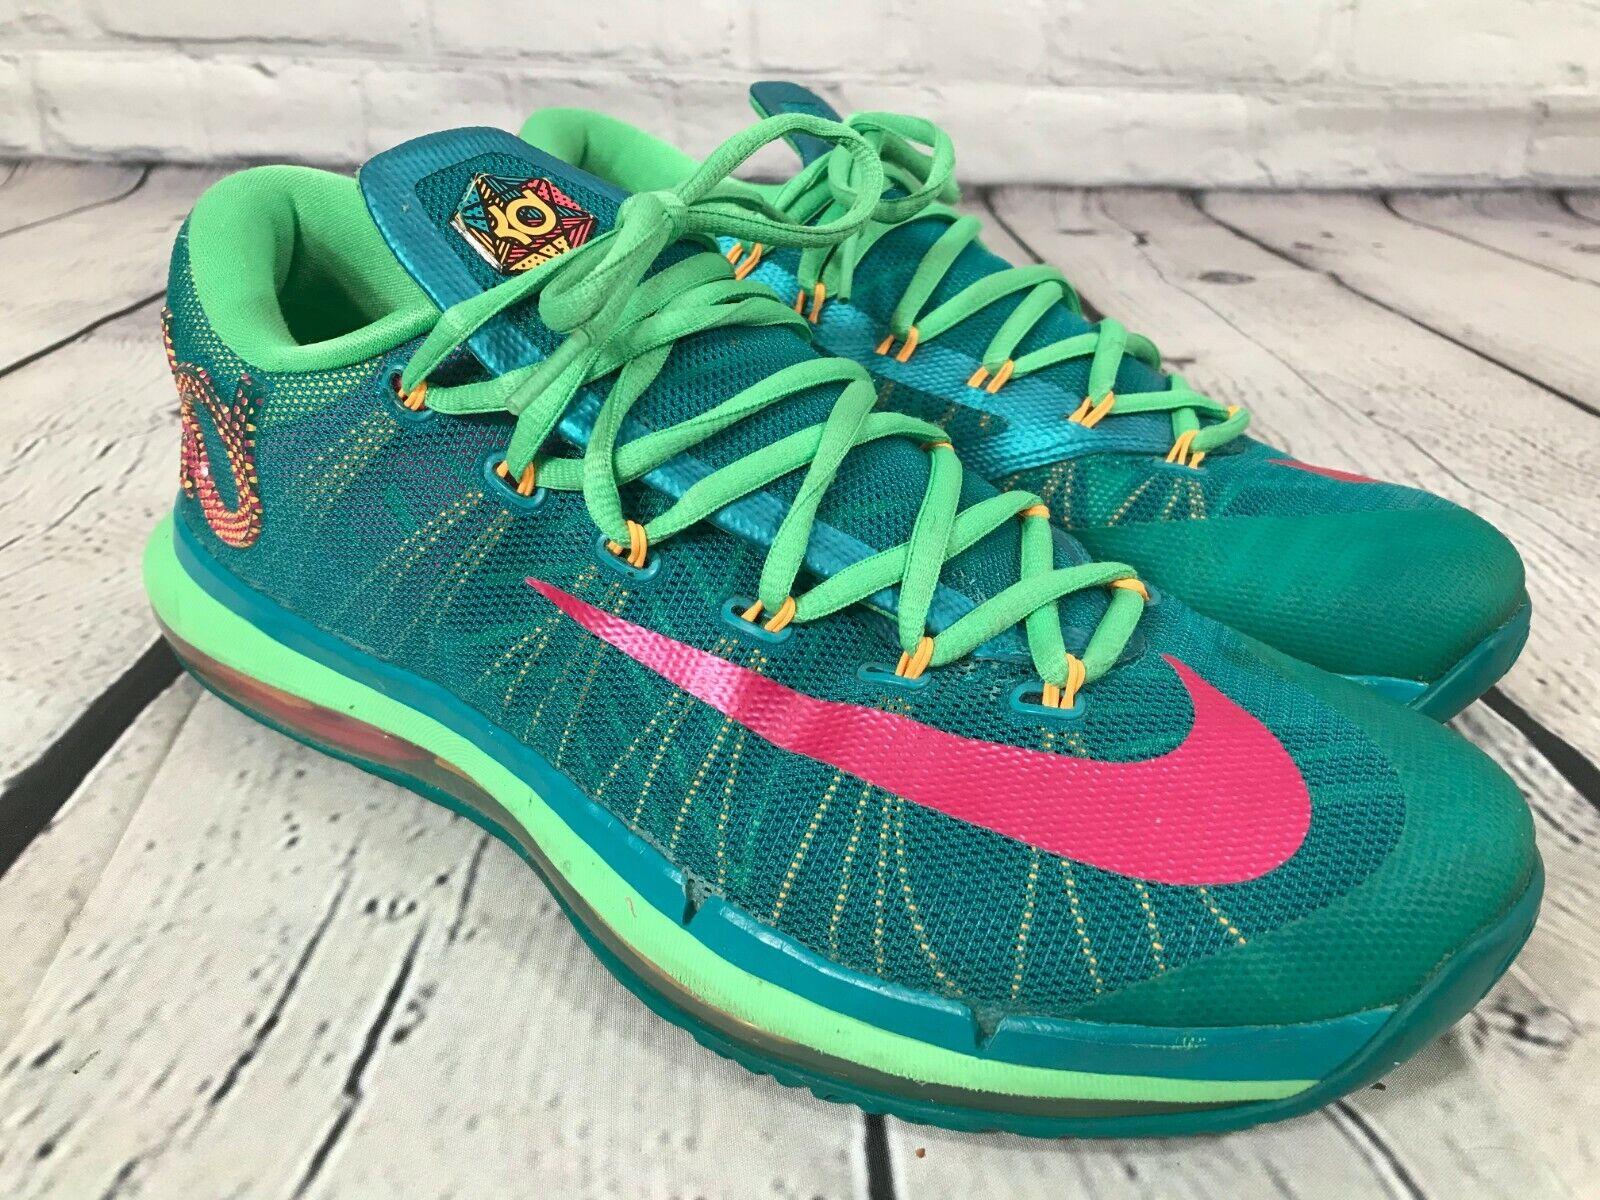 Nike KD Hero VI 6 Elite Green Vivid